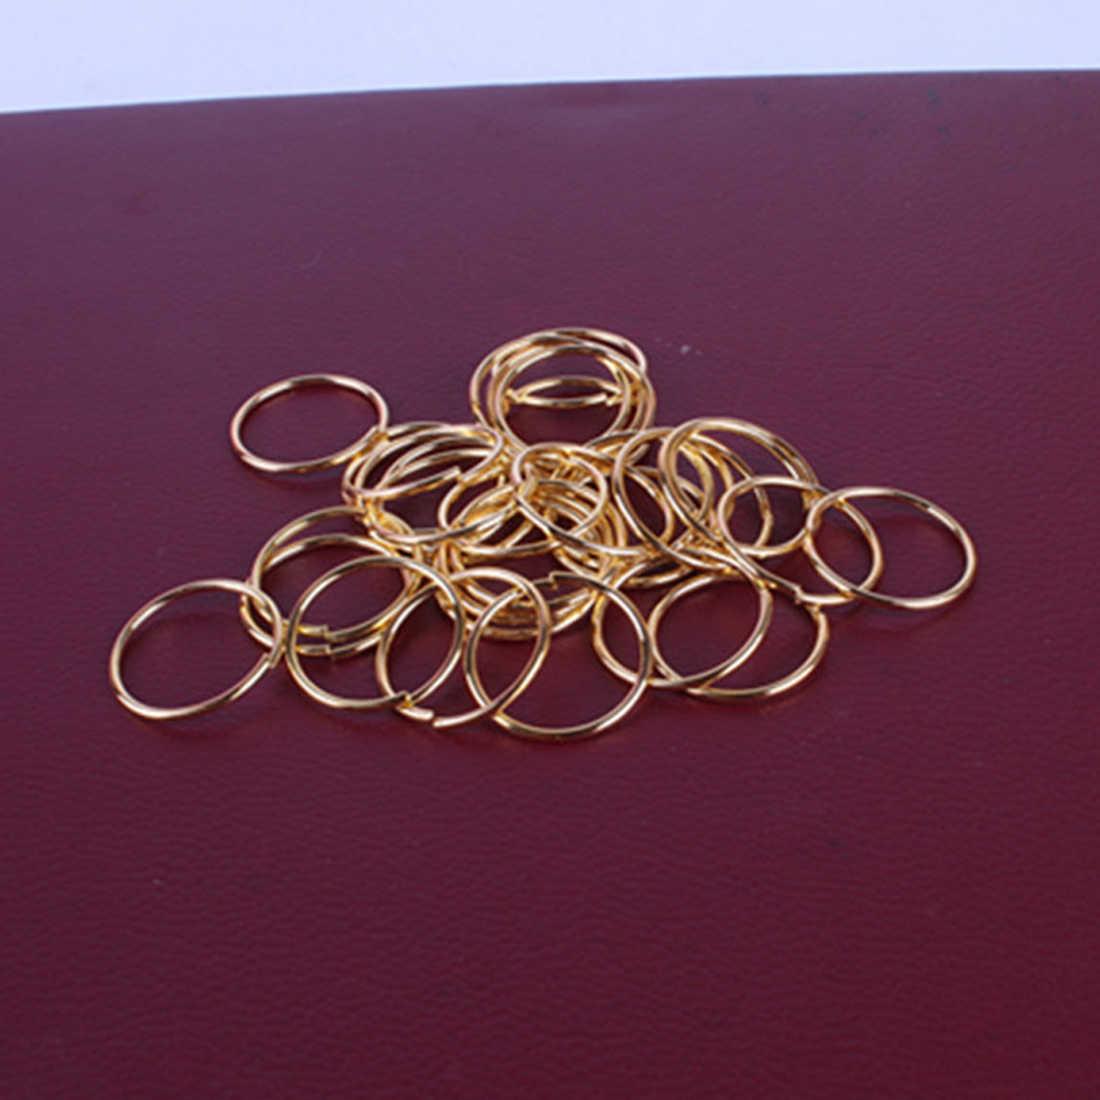 20 шт Горячая Красота Золотой Серебряный парик Ювелирное кольцо оплетка дреды бусина манжеты клип оплетка обод кольцо приблизительно 10 мм Внутреннее отверстие